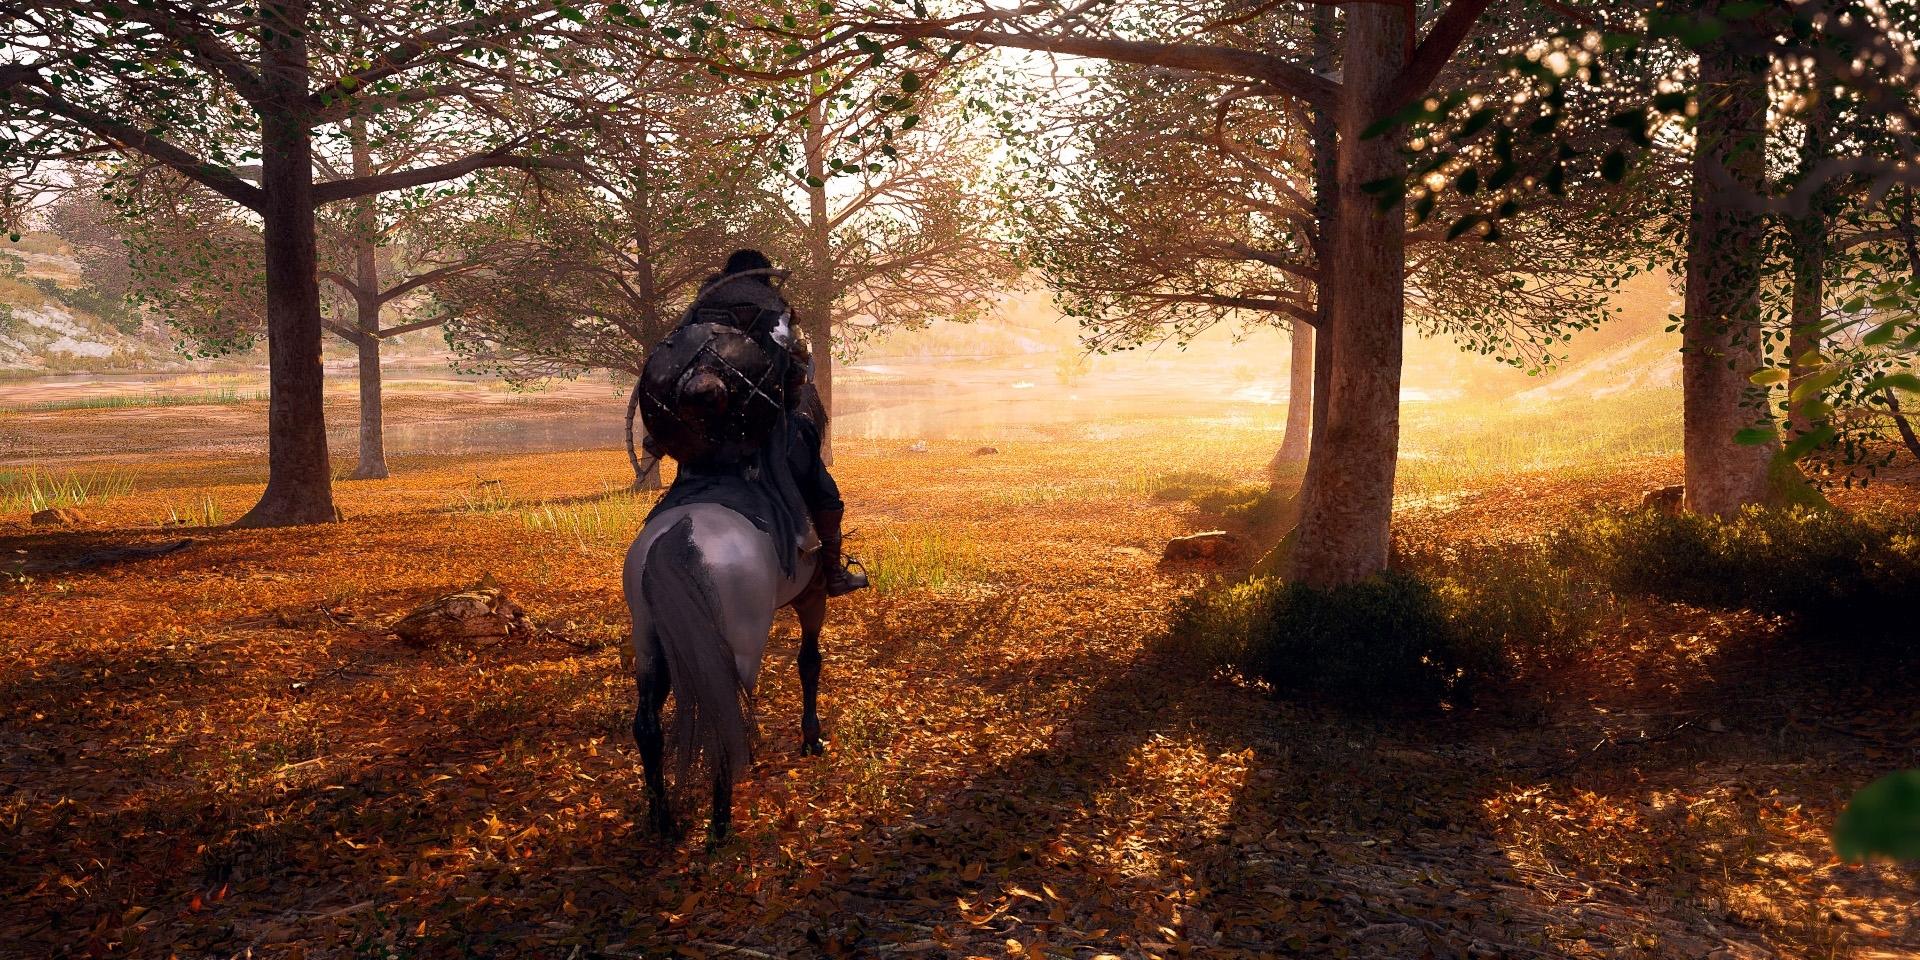 Игровая индустрия: Crimson Desert: Одиночная игра... с PvP и осадами?